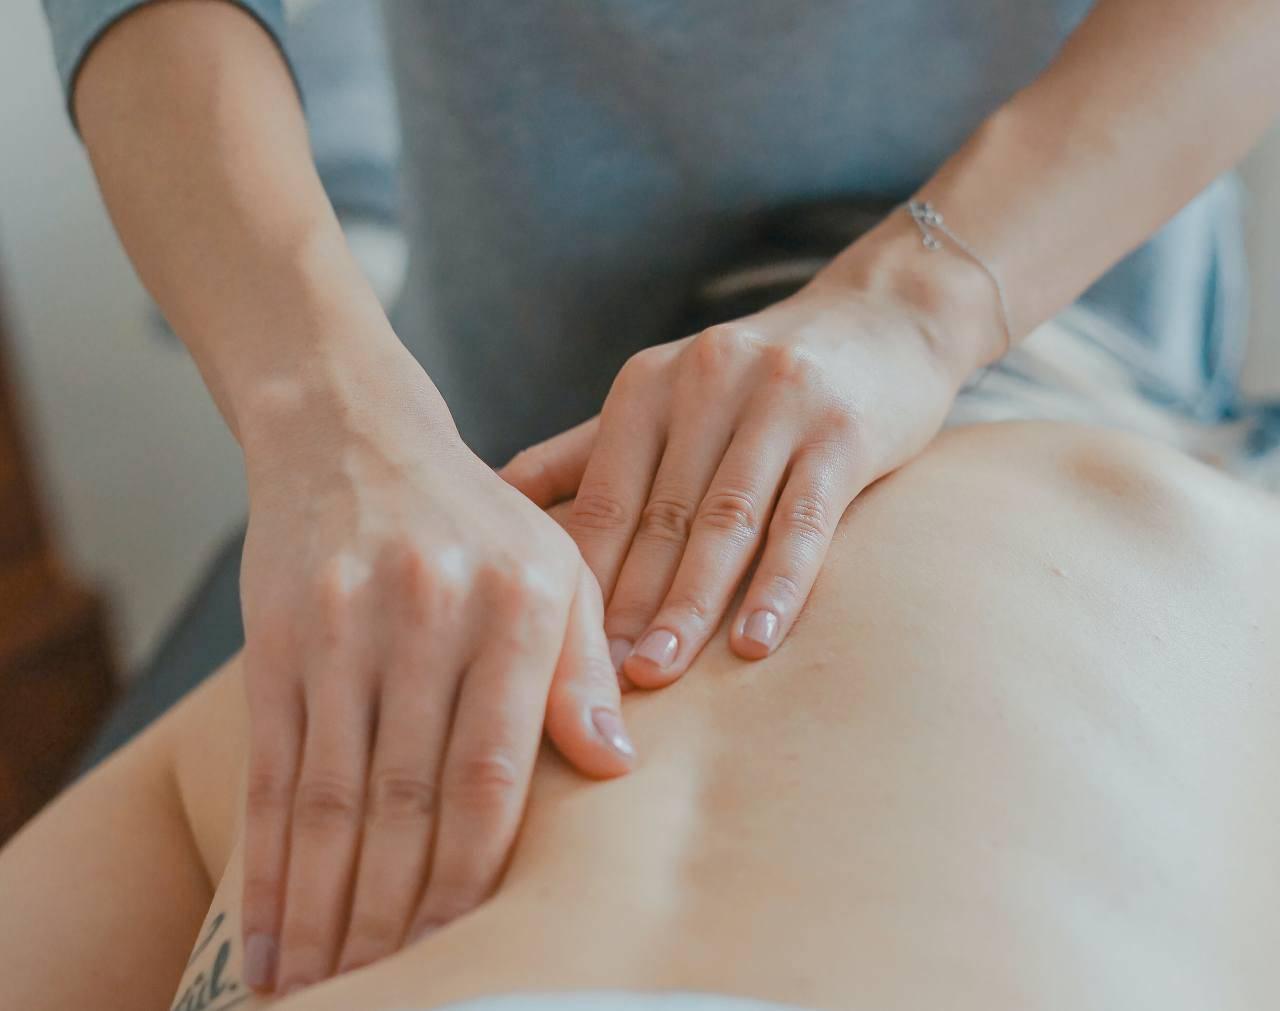 Massaggio mal di schiena (fonte unsplash)